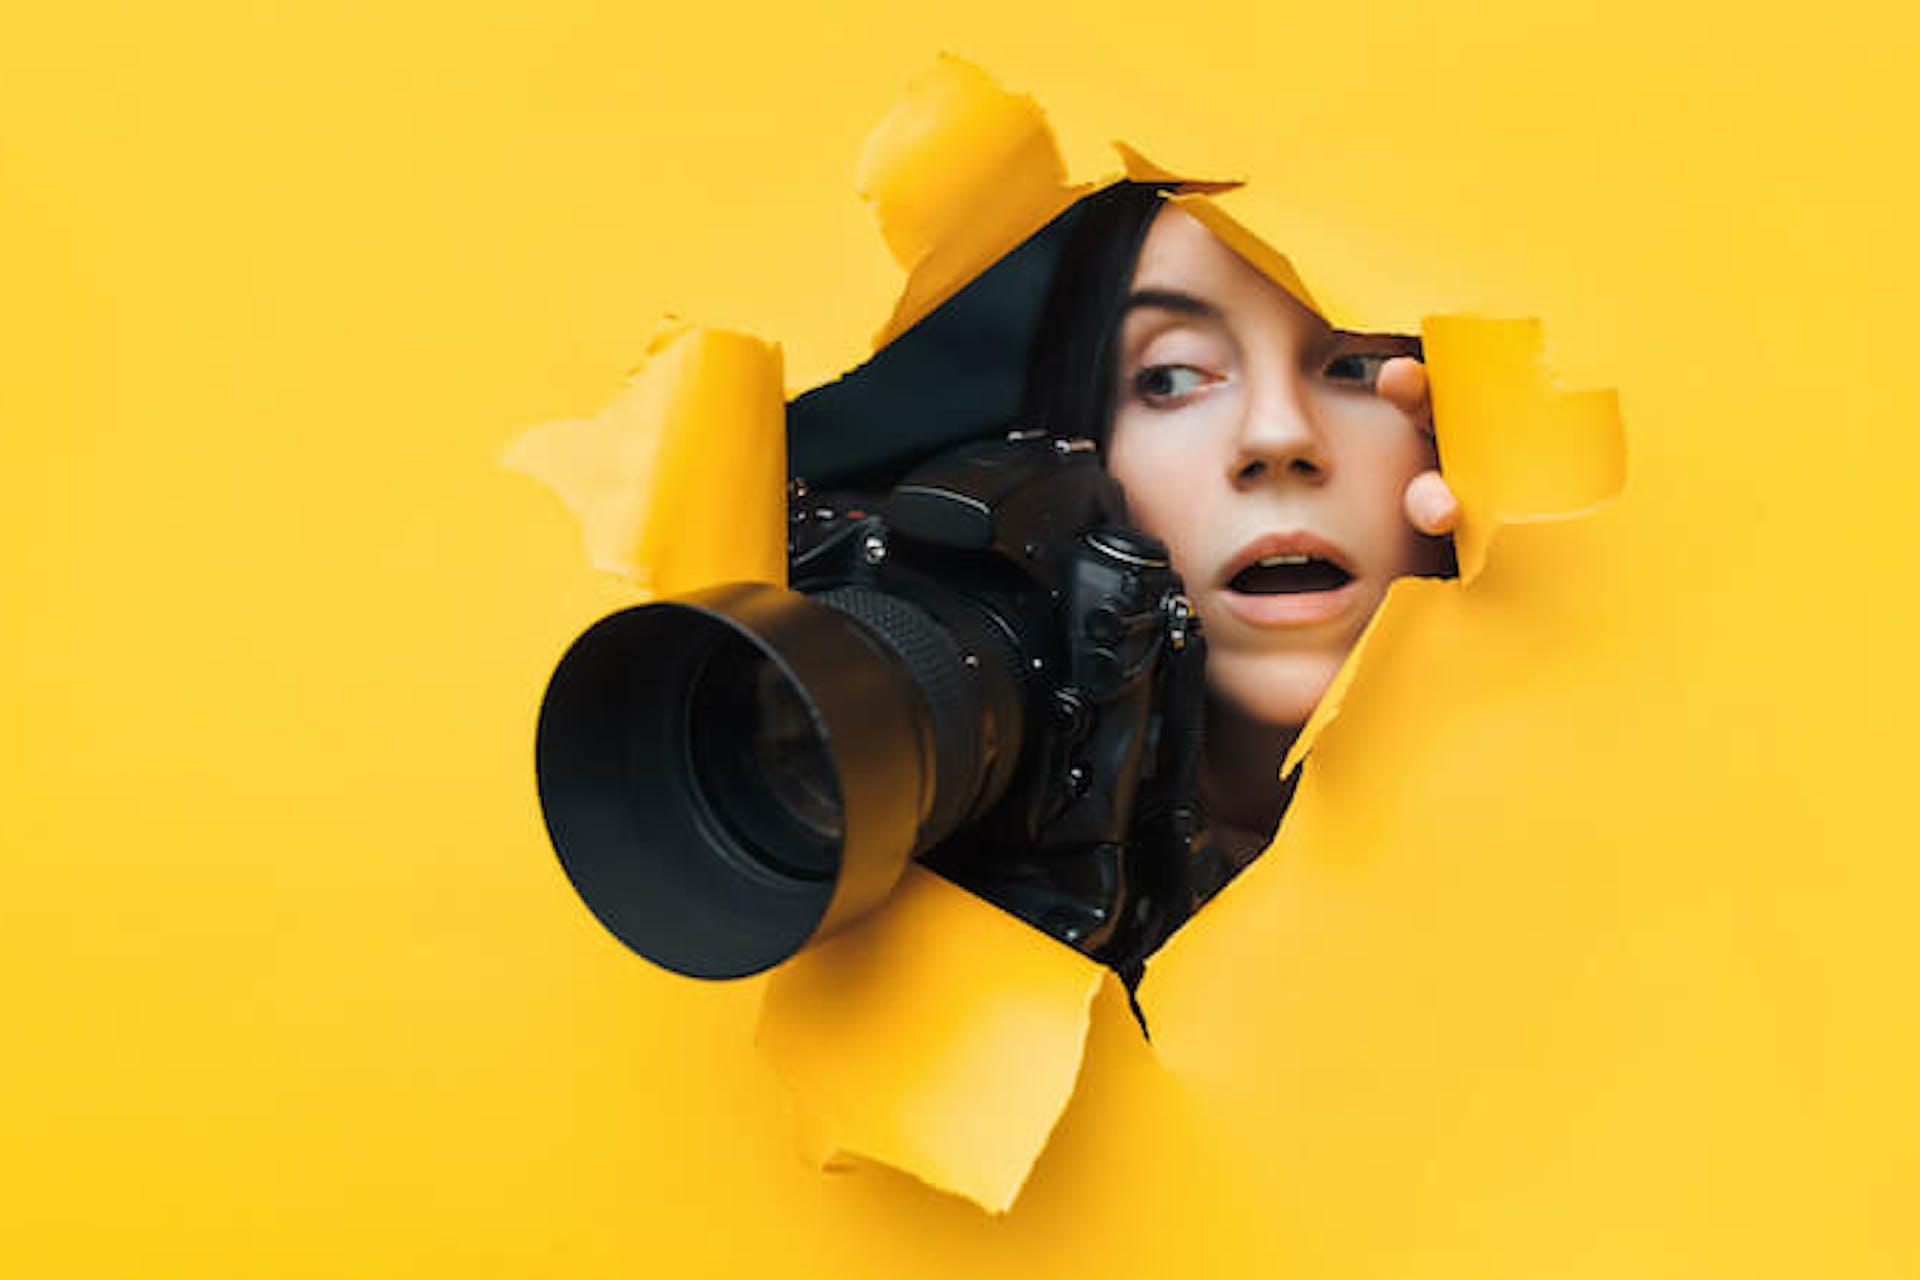 Man sieht eine junge Frau mit einer Kamera mit einem großen Objektiv durch eine gelbe Pappwand luken. Das Bild ist Header für unseren Beitrag zu elektronischen Pressespiegeln.